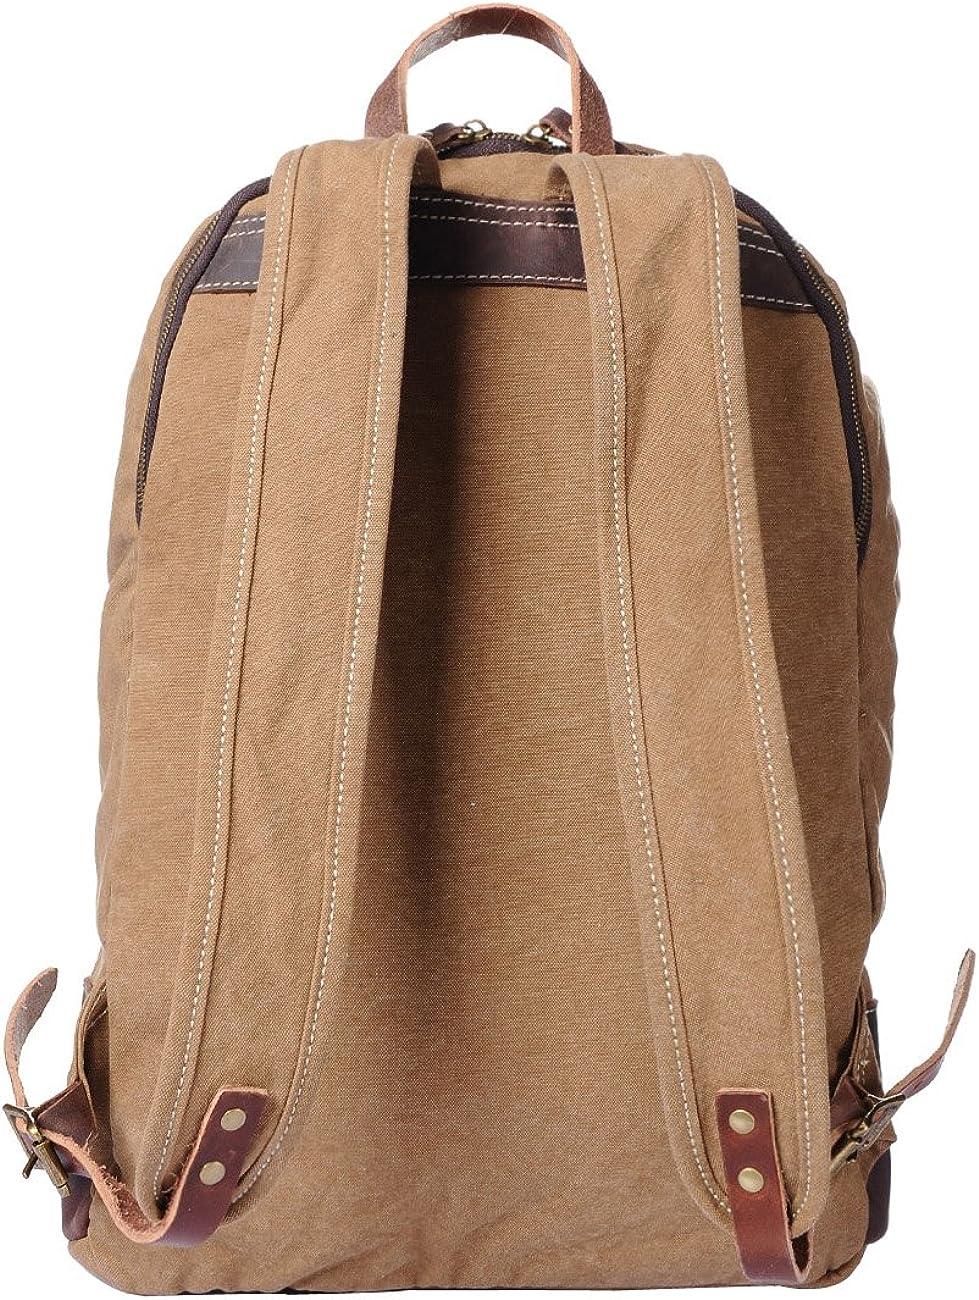 Fashion Shop CasualCanvas Backpack Rucksack Bookbag Satchel Hiking Bag